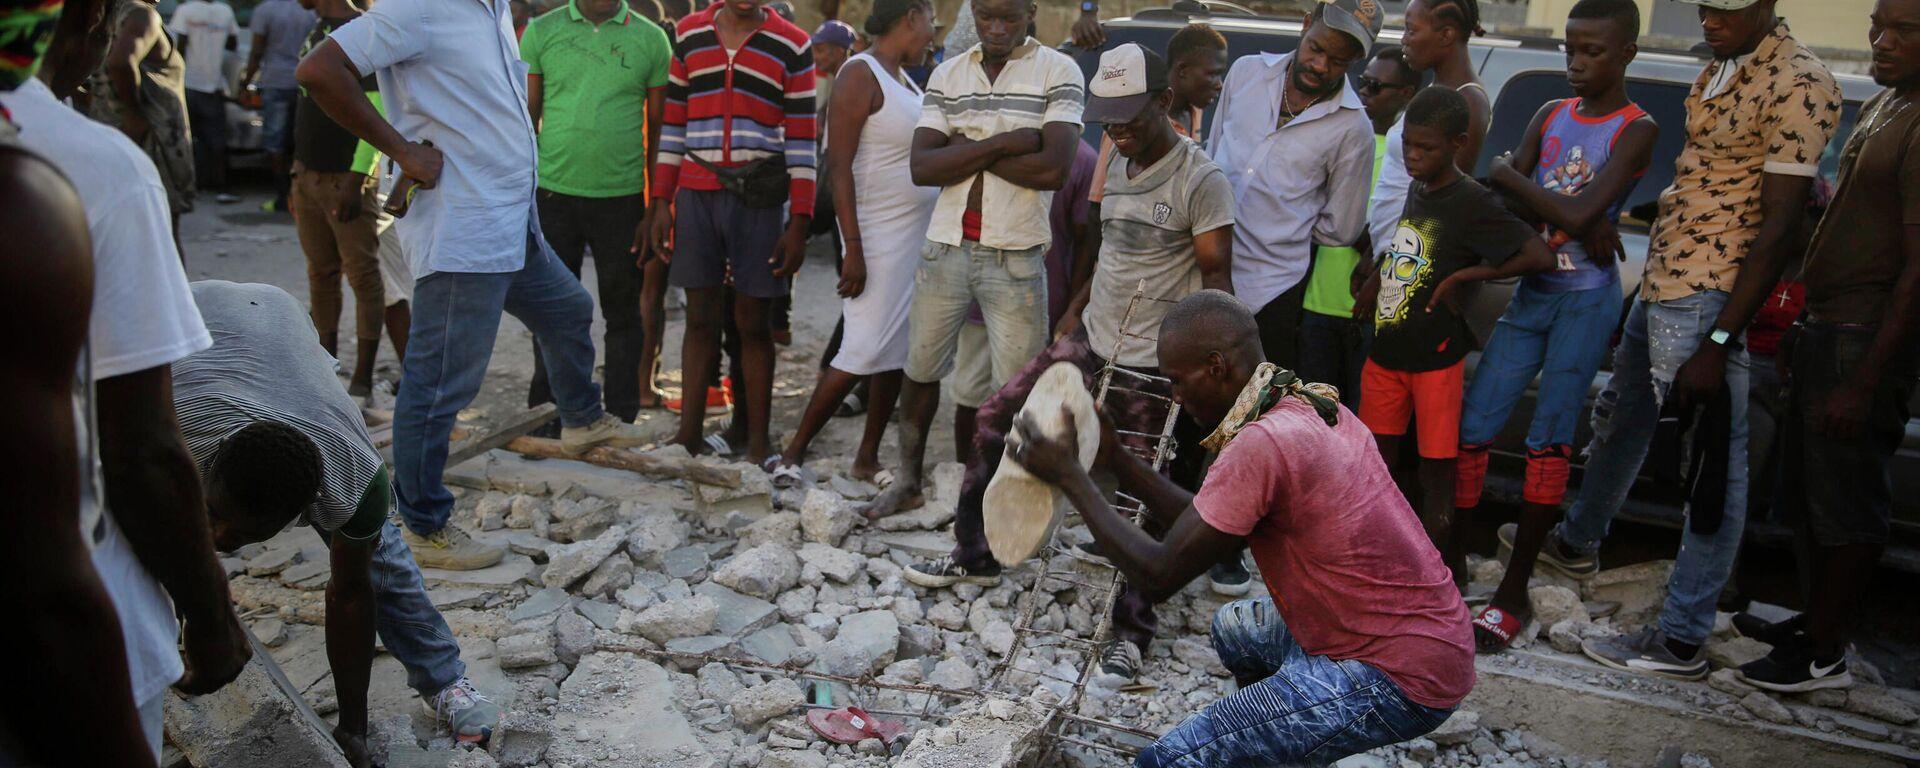 Σεισμός στην Αϊτή - Sputnik Ελλάδα, 1920, 20.09.2021